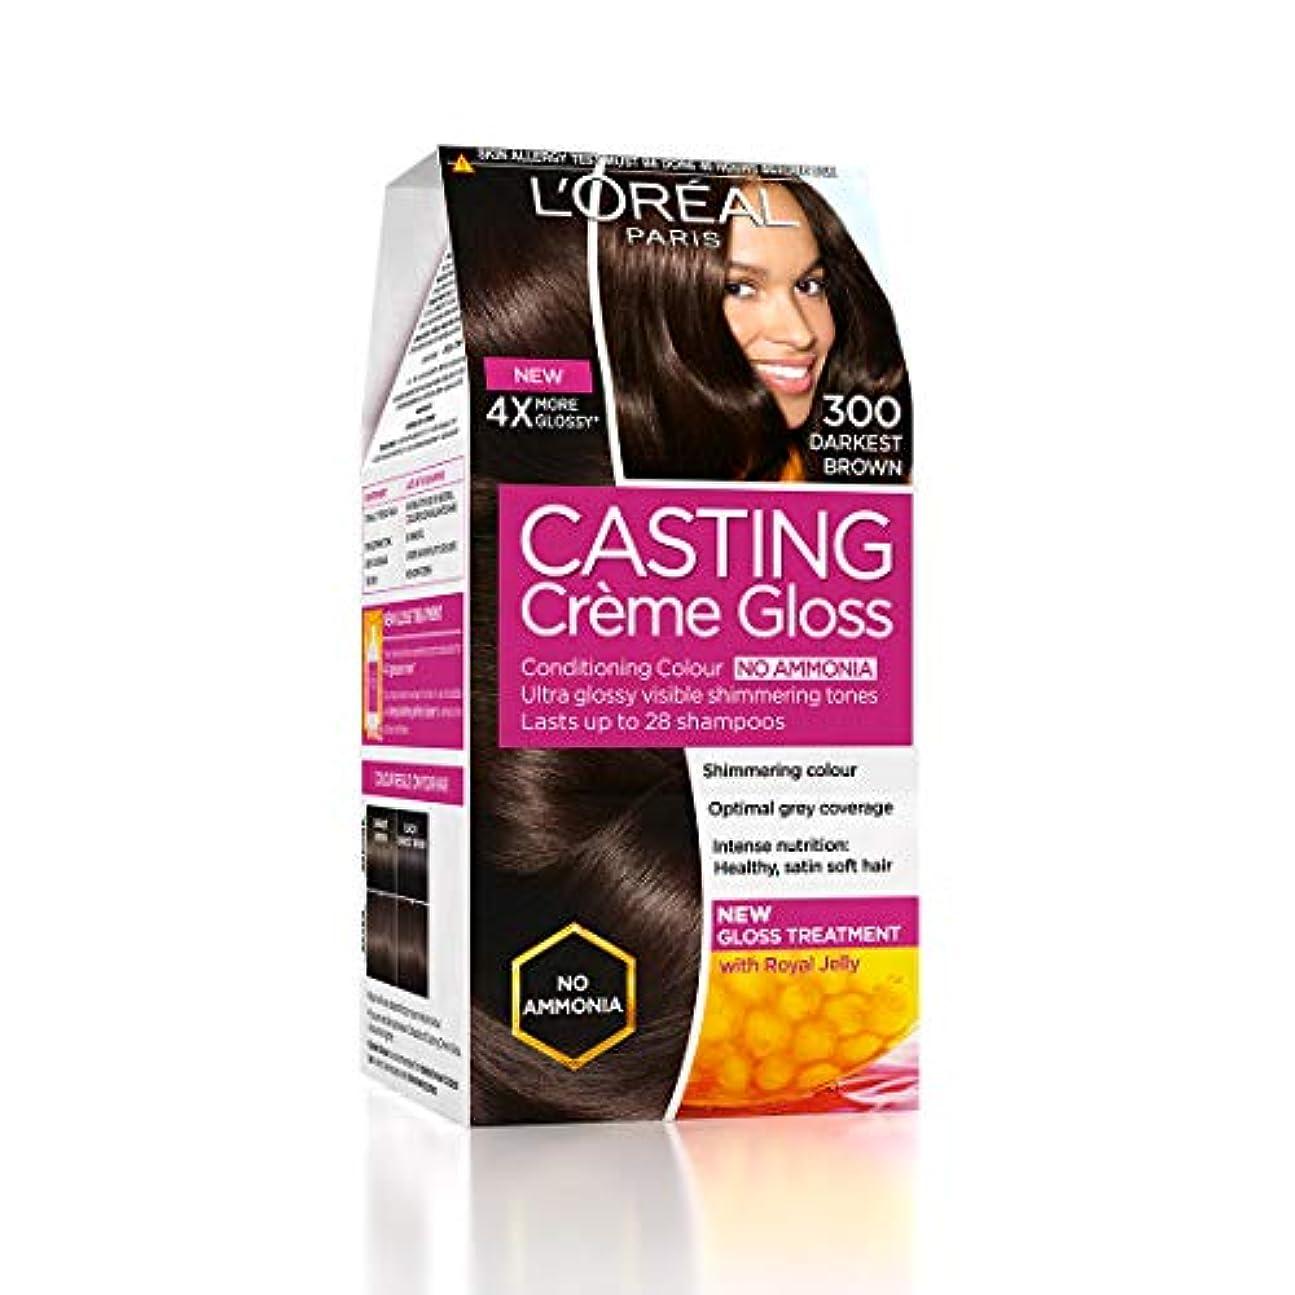 少しまたねシェルターL'Oreal Paris Casting Creme Gloss Hair Color, Darkest Brown 300, 87.5g+72ml